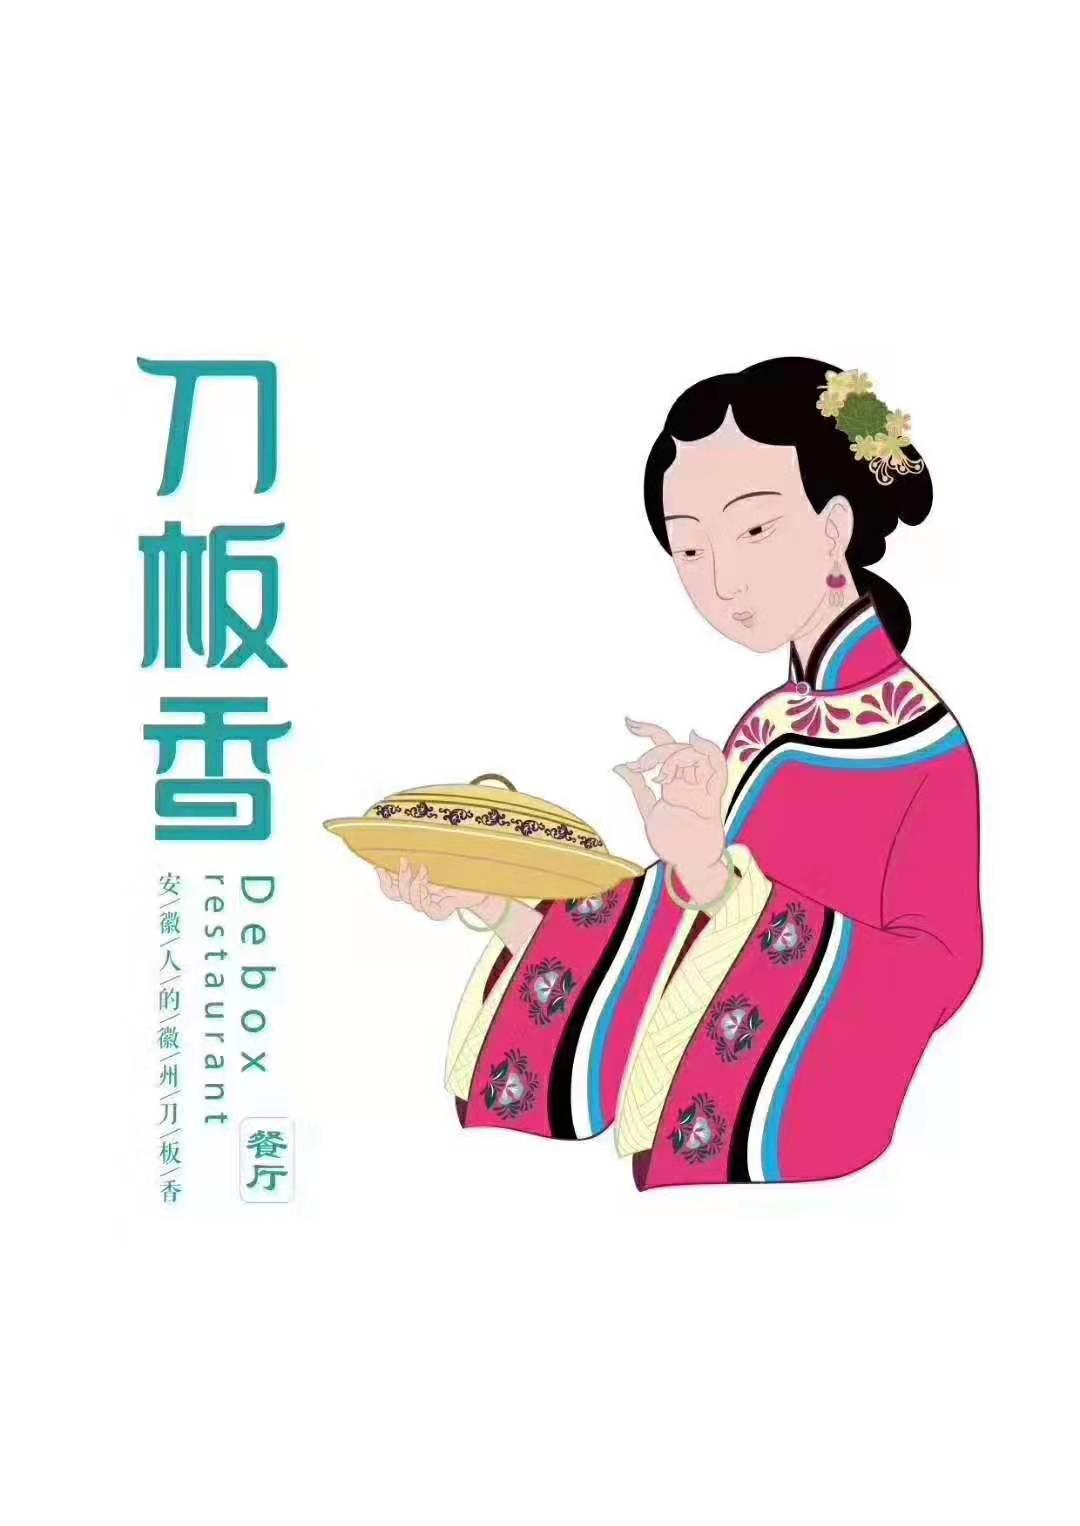 安徽省刀板香餐飲管理有限公司